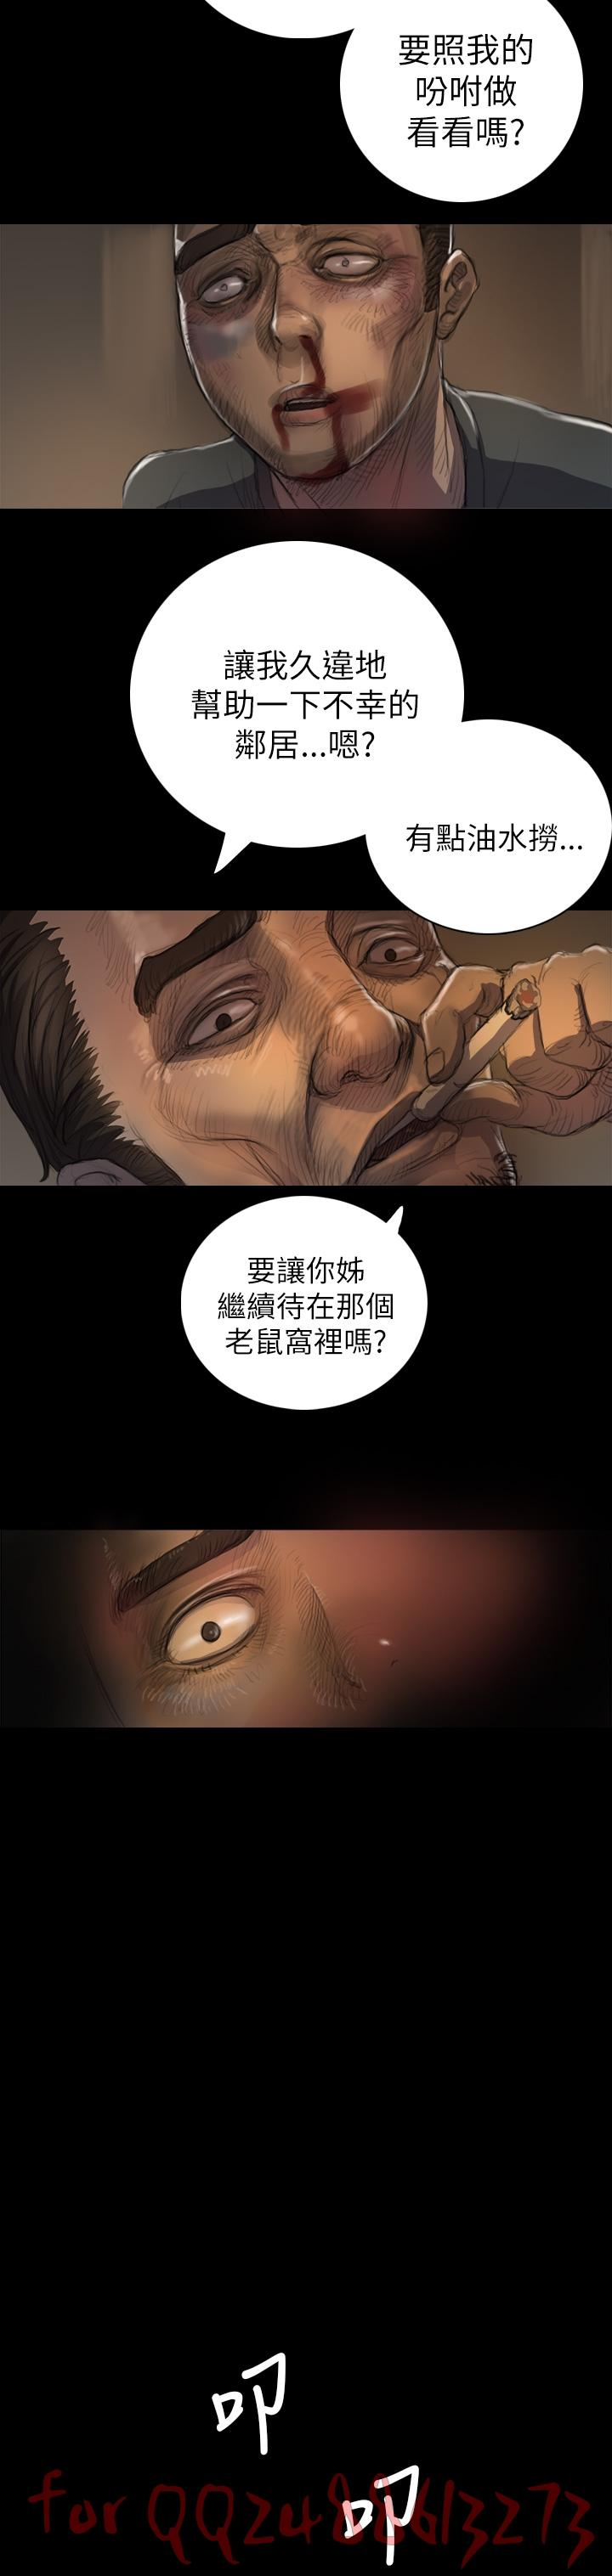 姊姊: 莲 第1~10話 [Chinese]中文 239